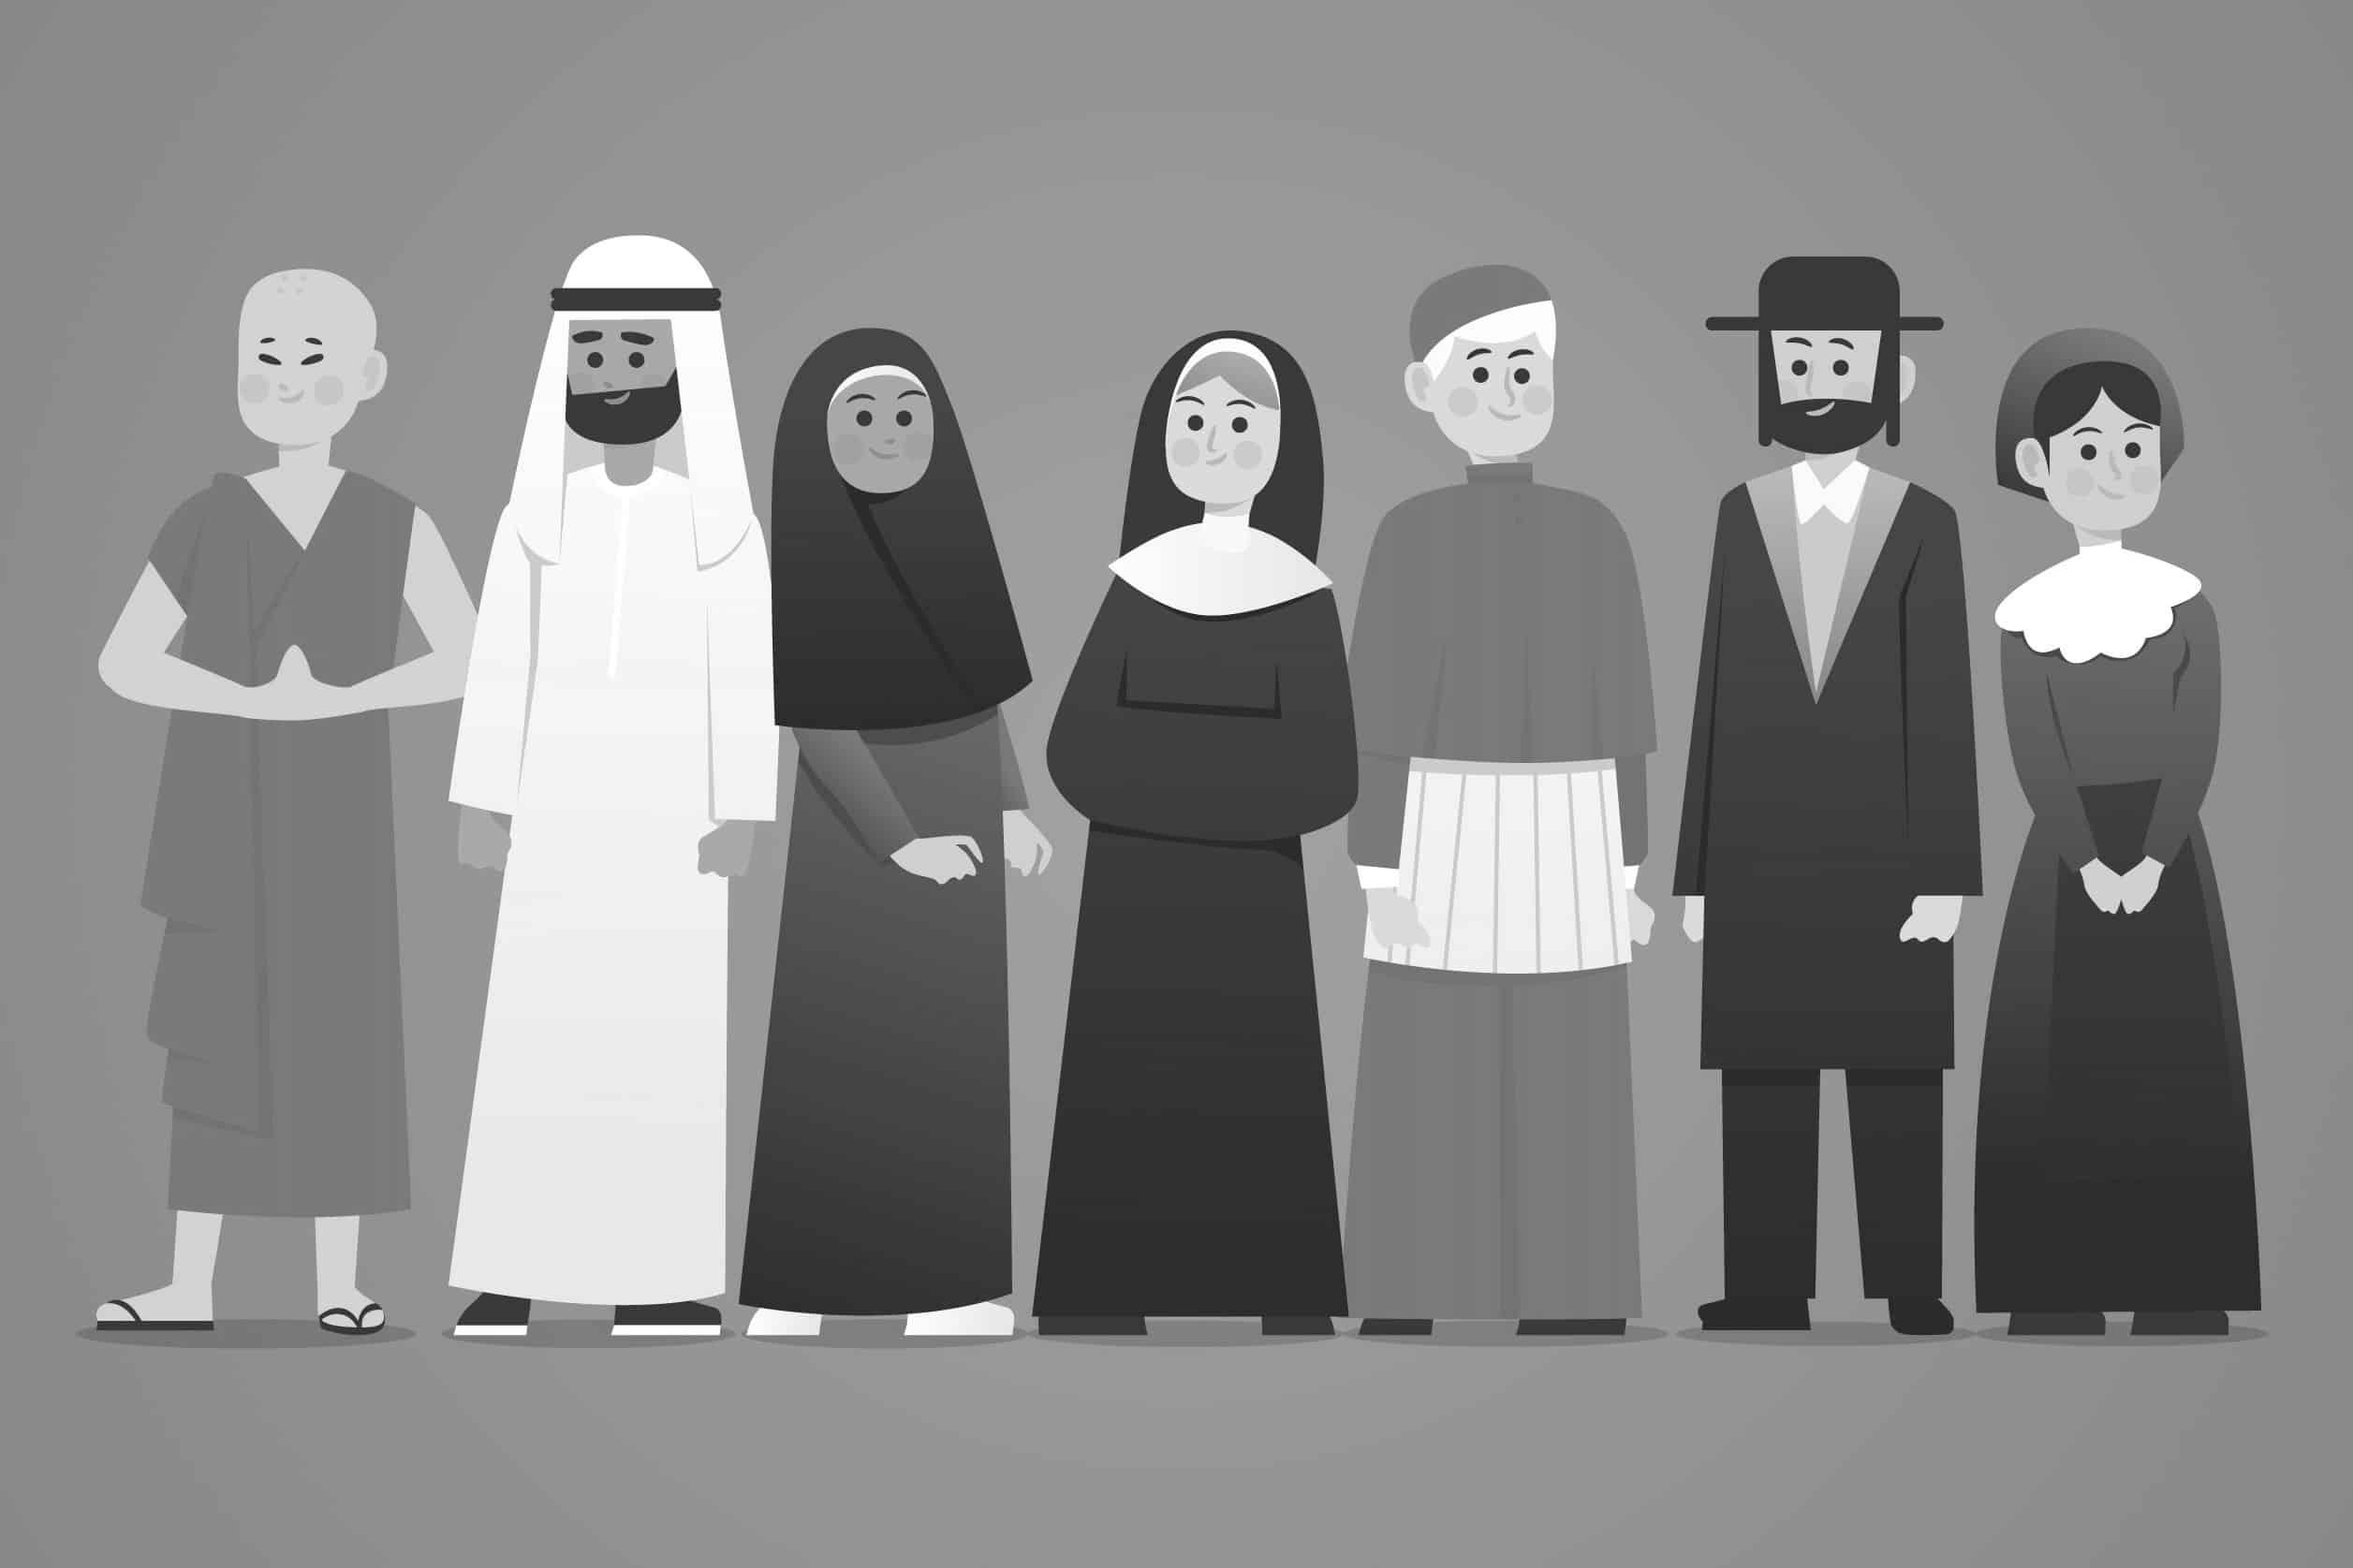 agama indonesia 101 Aneka Slogan Terkini untuk Pendidikan, Motivasi, Kesehatan dan Agama